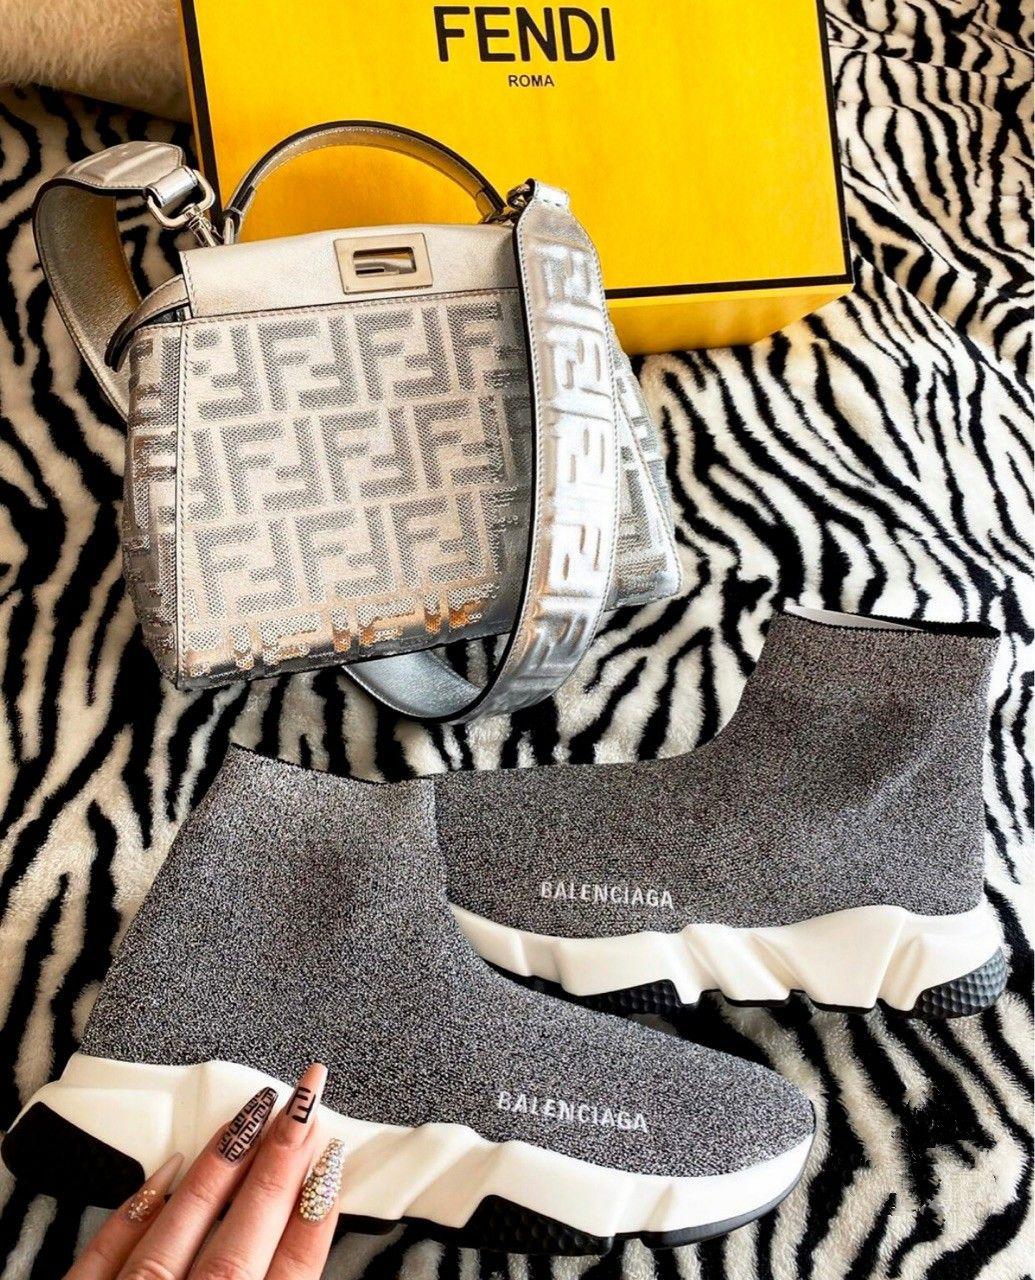 Bag, Balenciaga, And Brand #nike